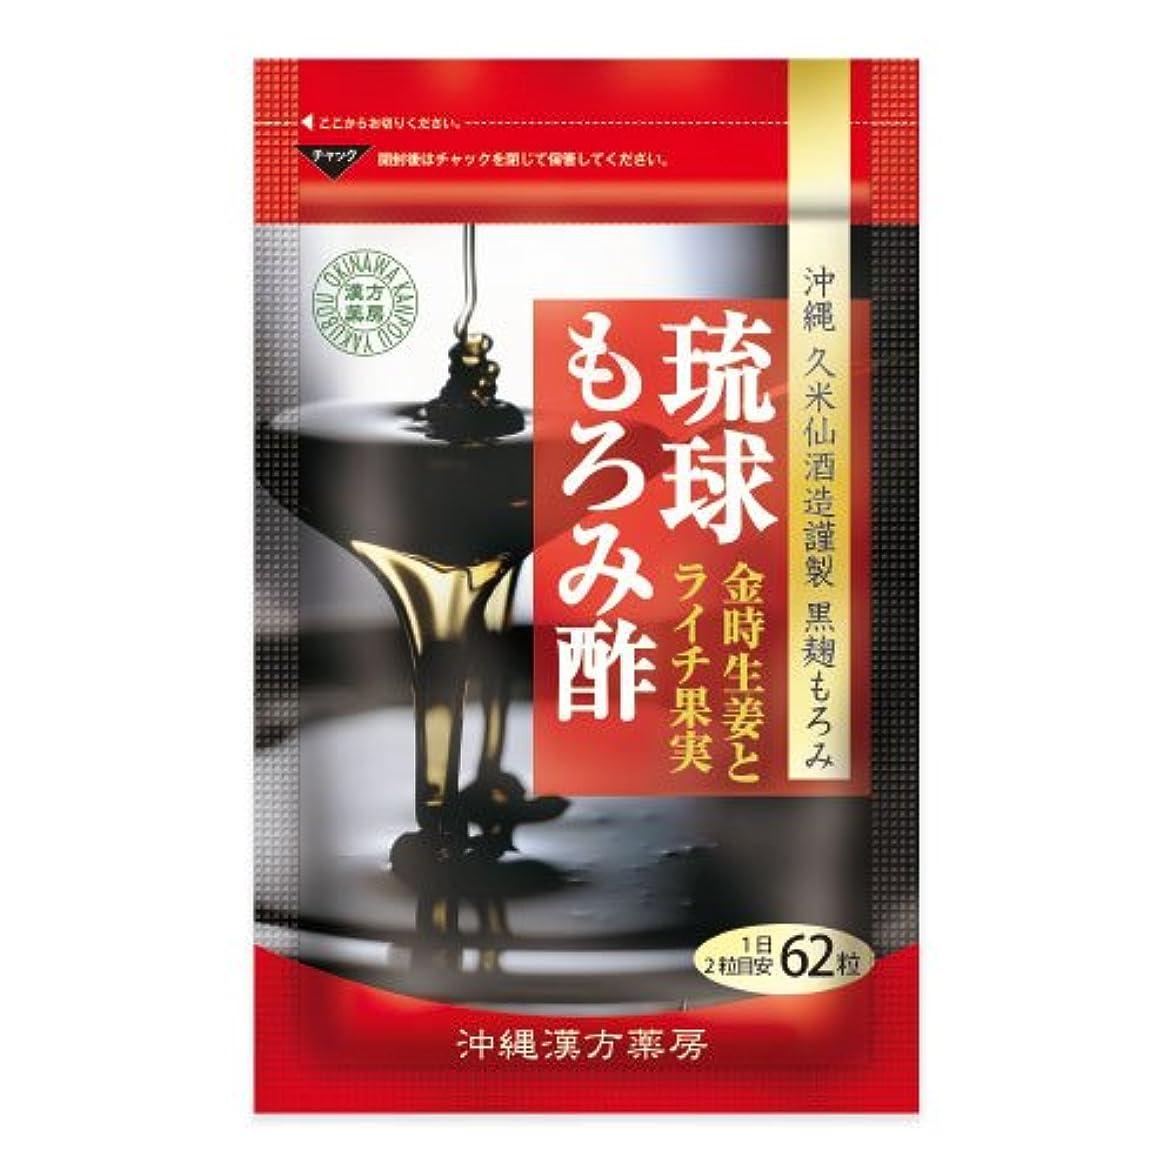 懺悔ブレーキファランクスナチュラルガーデン 琉球もろみ酢 金時生姜とライチ種子 1袋